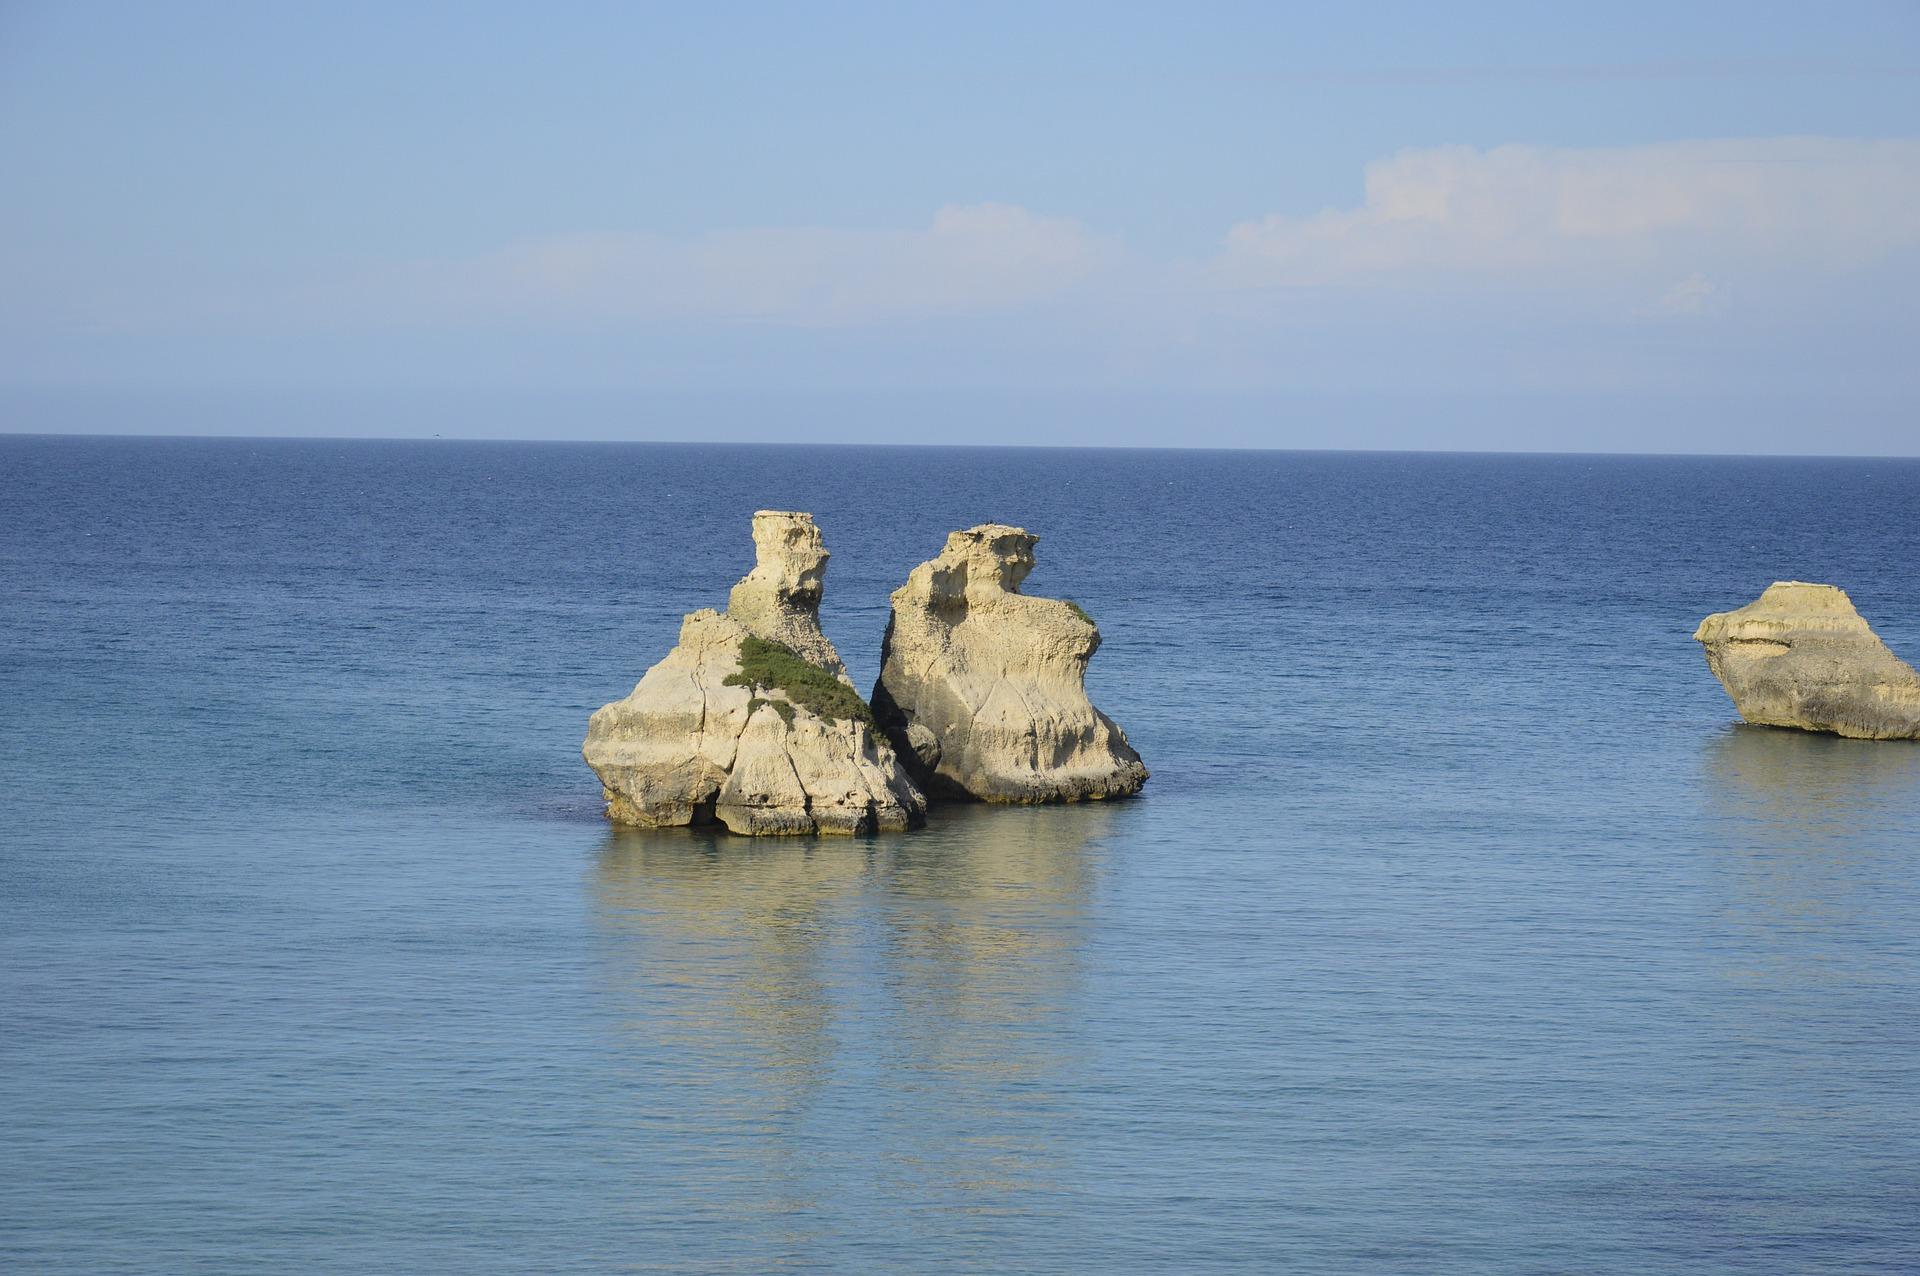 Le due sorelle- dwie siostry, Salento słońce, morze iwiatr czyli rajski zakątek naziemi